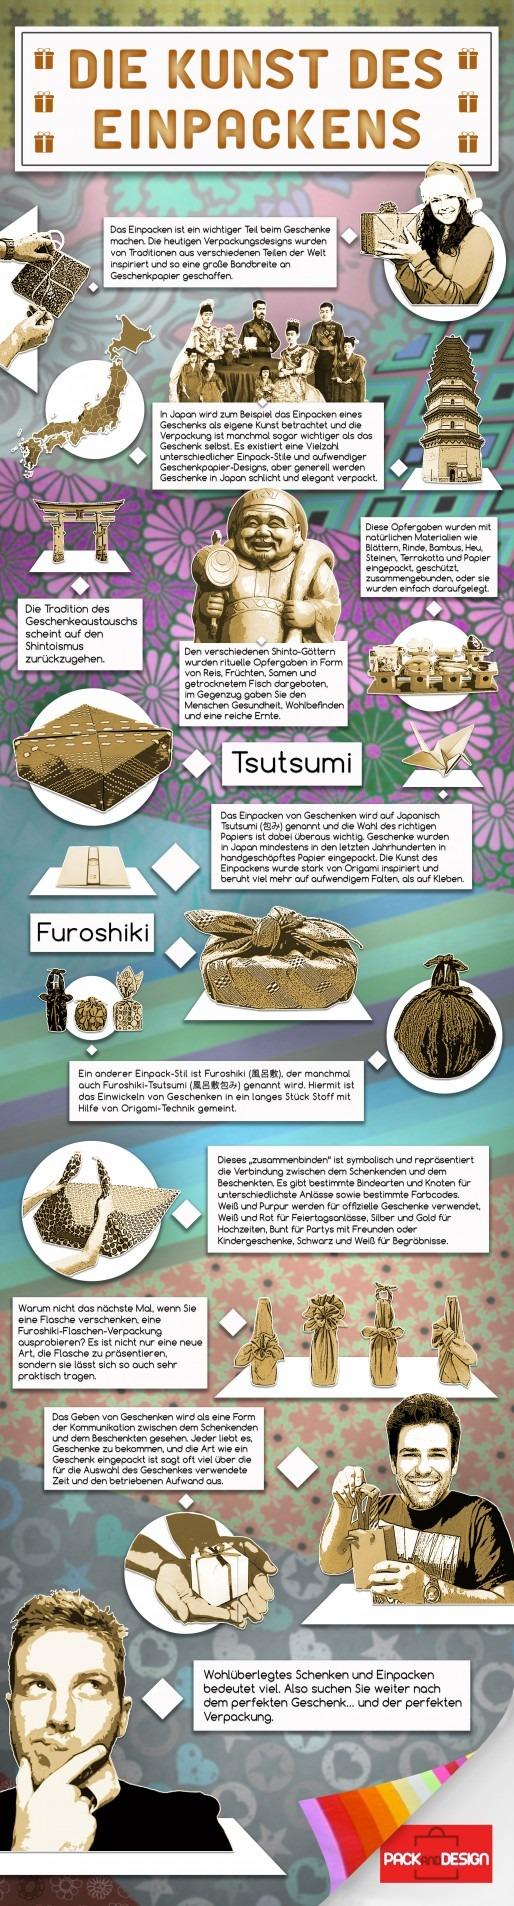 Infographic in German Die Kunst des Einpackens